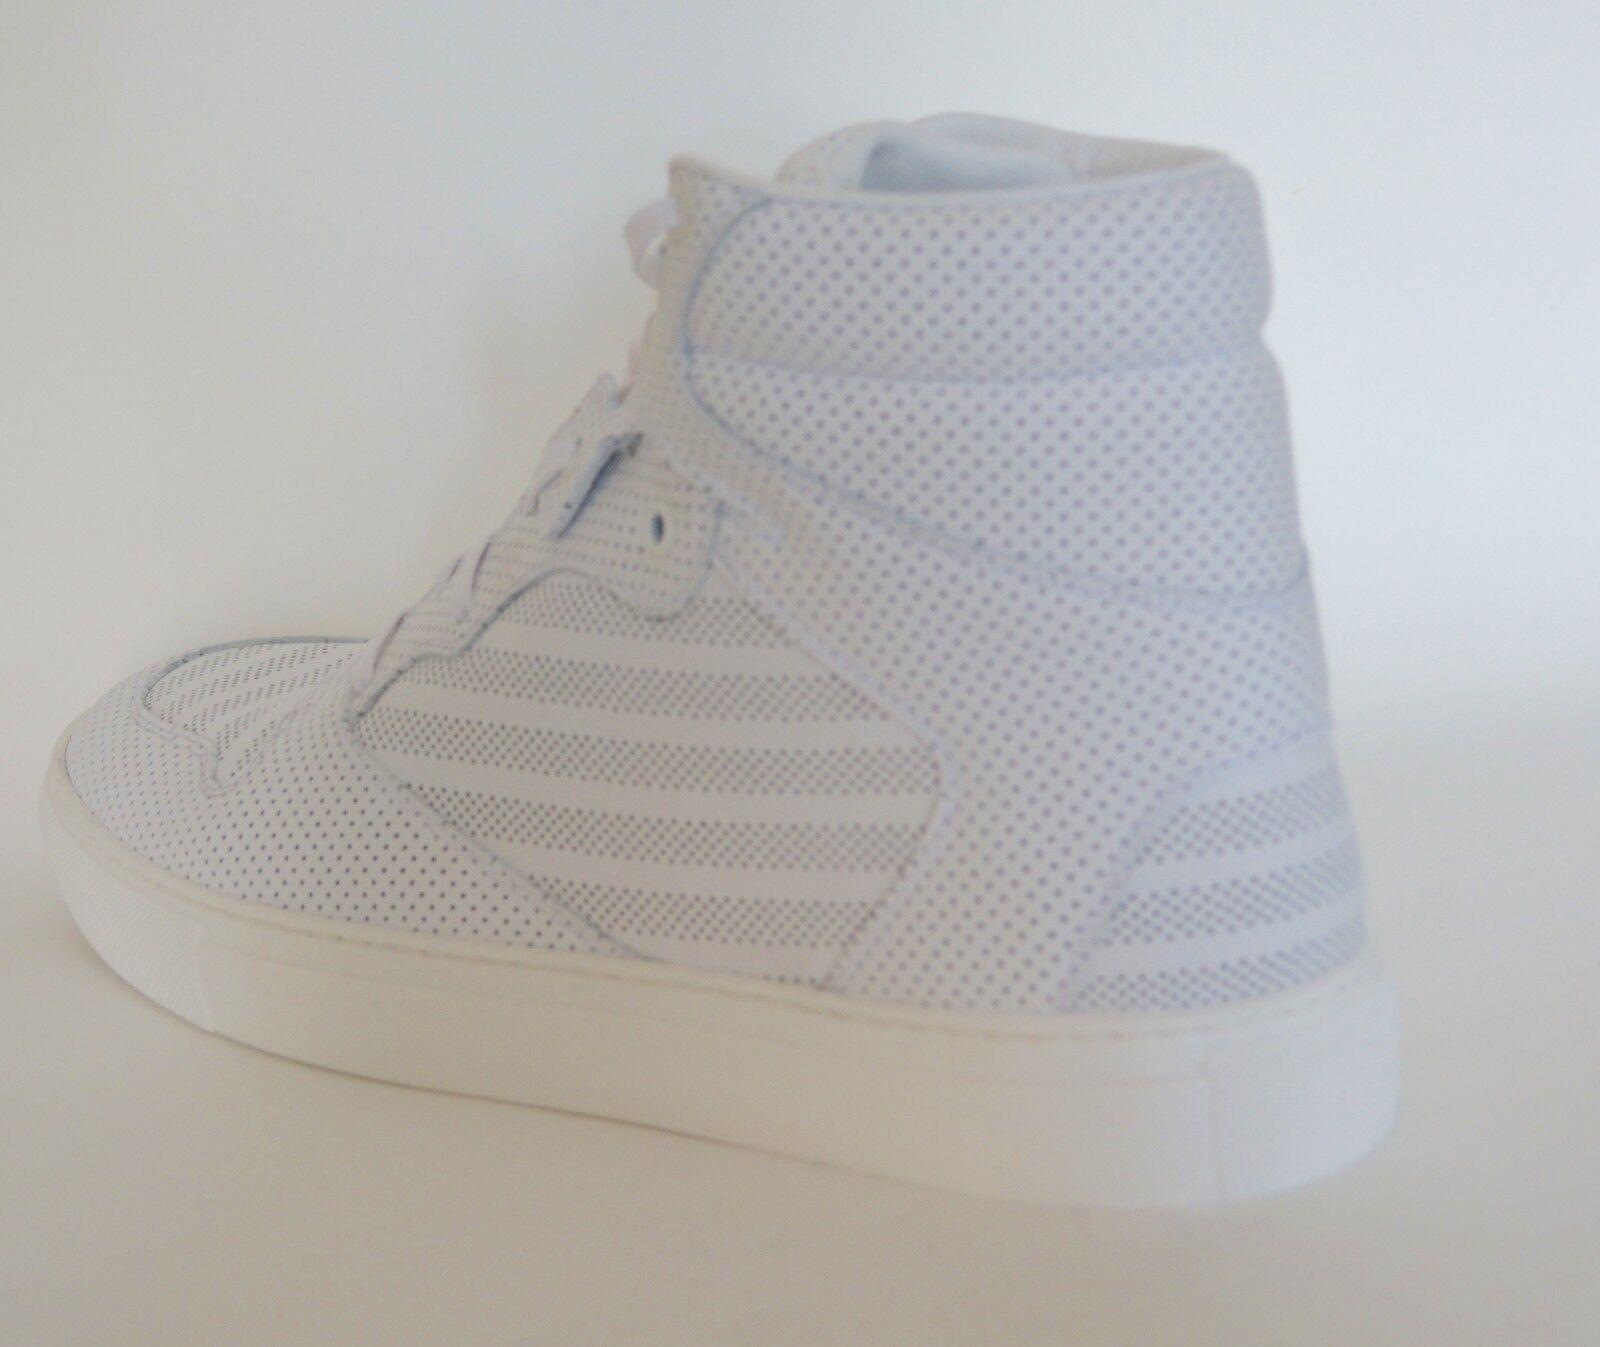 nous hitop cuir chaussures balenciaga 6 nouveaux    nouveaux 595 Blanc  f89fcc